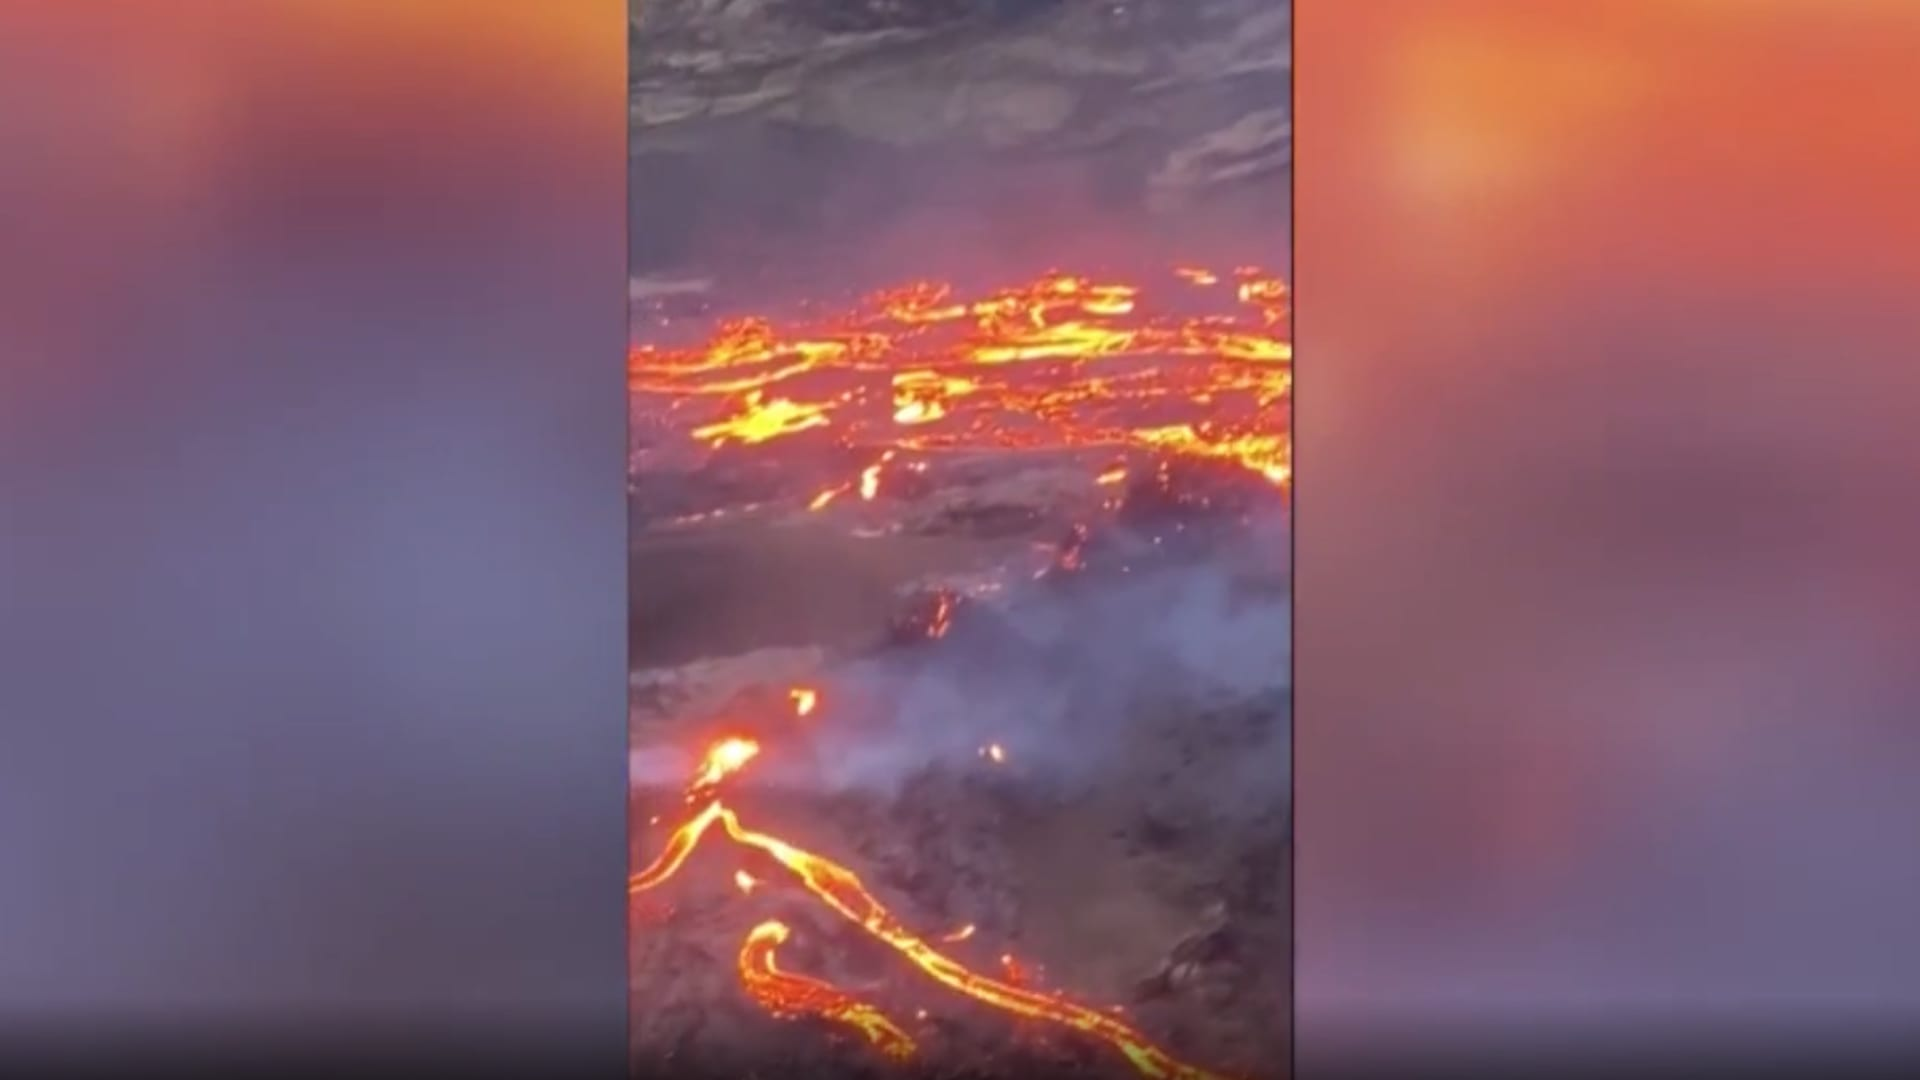 كأنها بقعة من الجحيم.. لحظة ثوران بركان بعد أكثر من 900 عام في أيسلندا